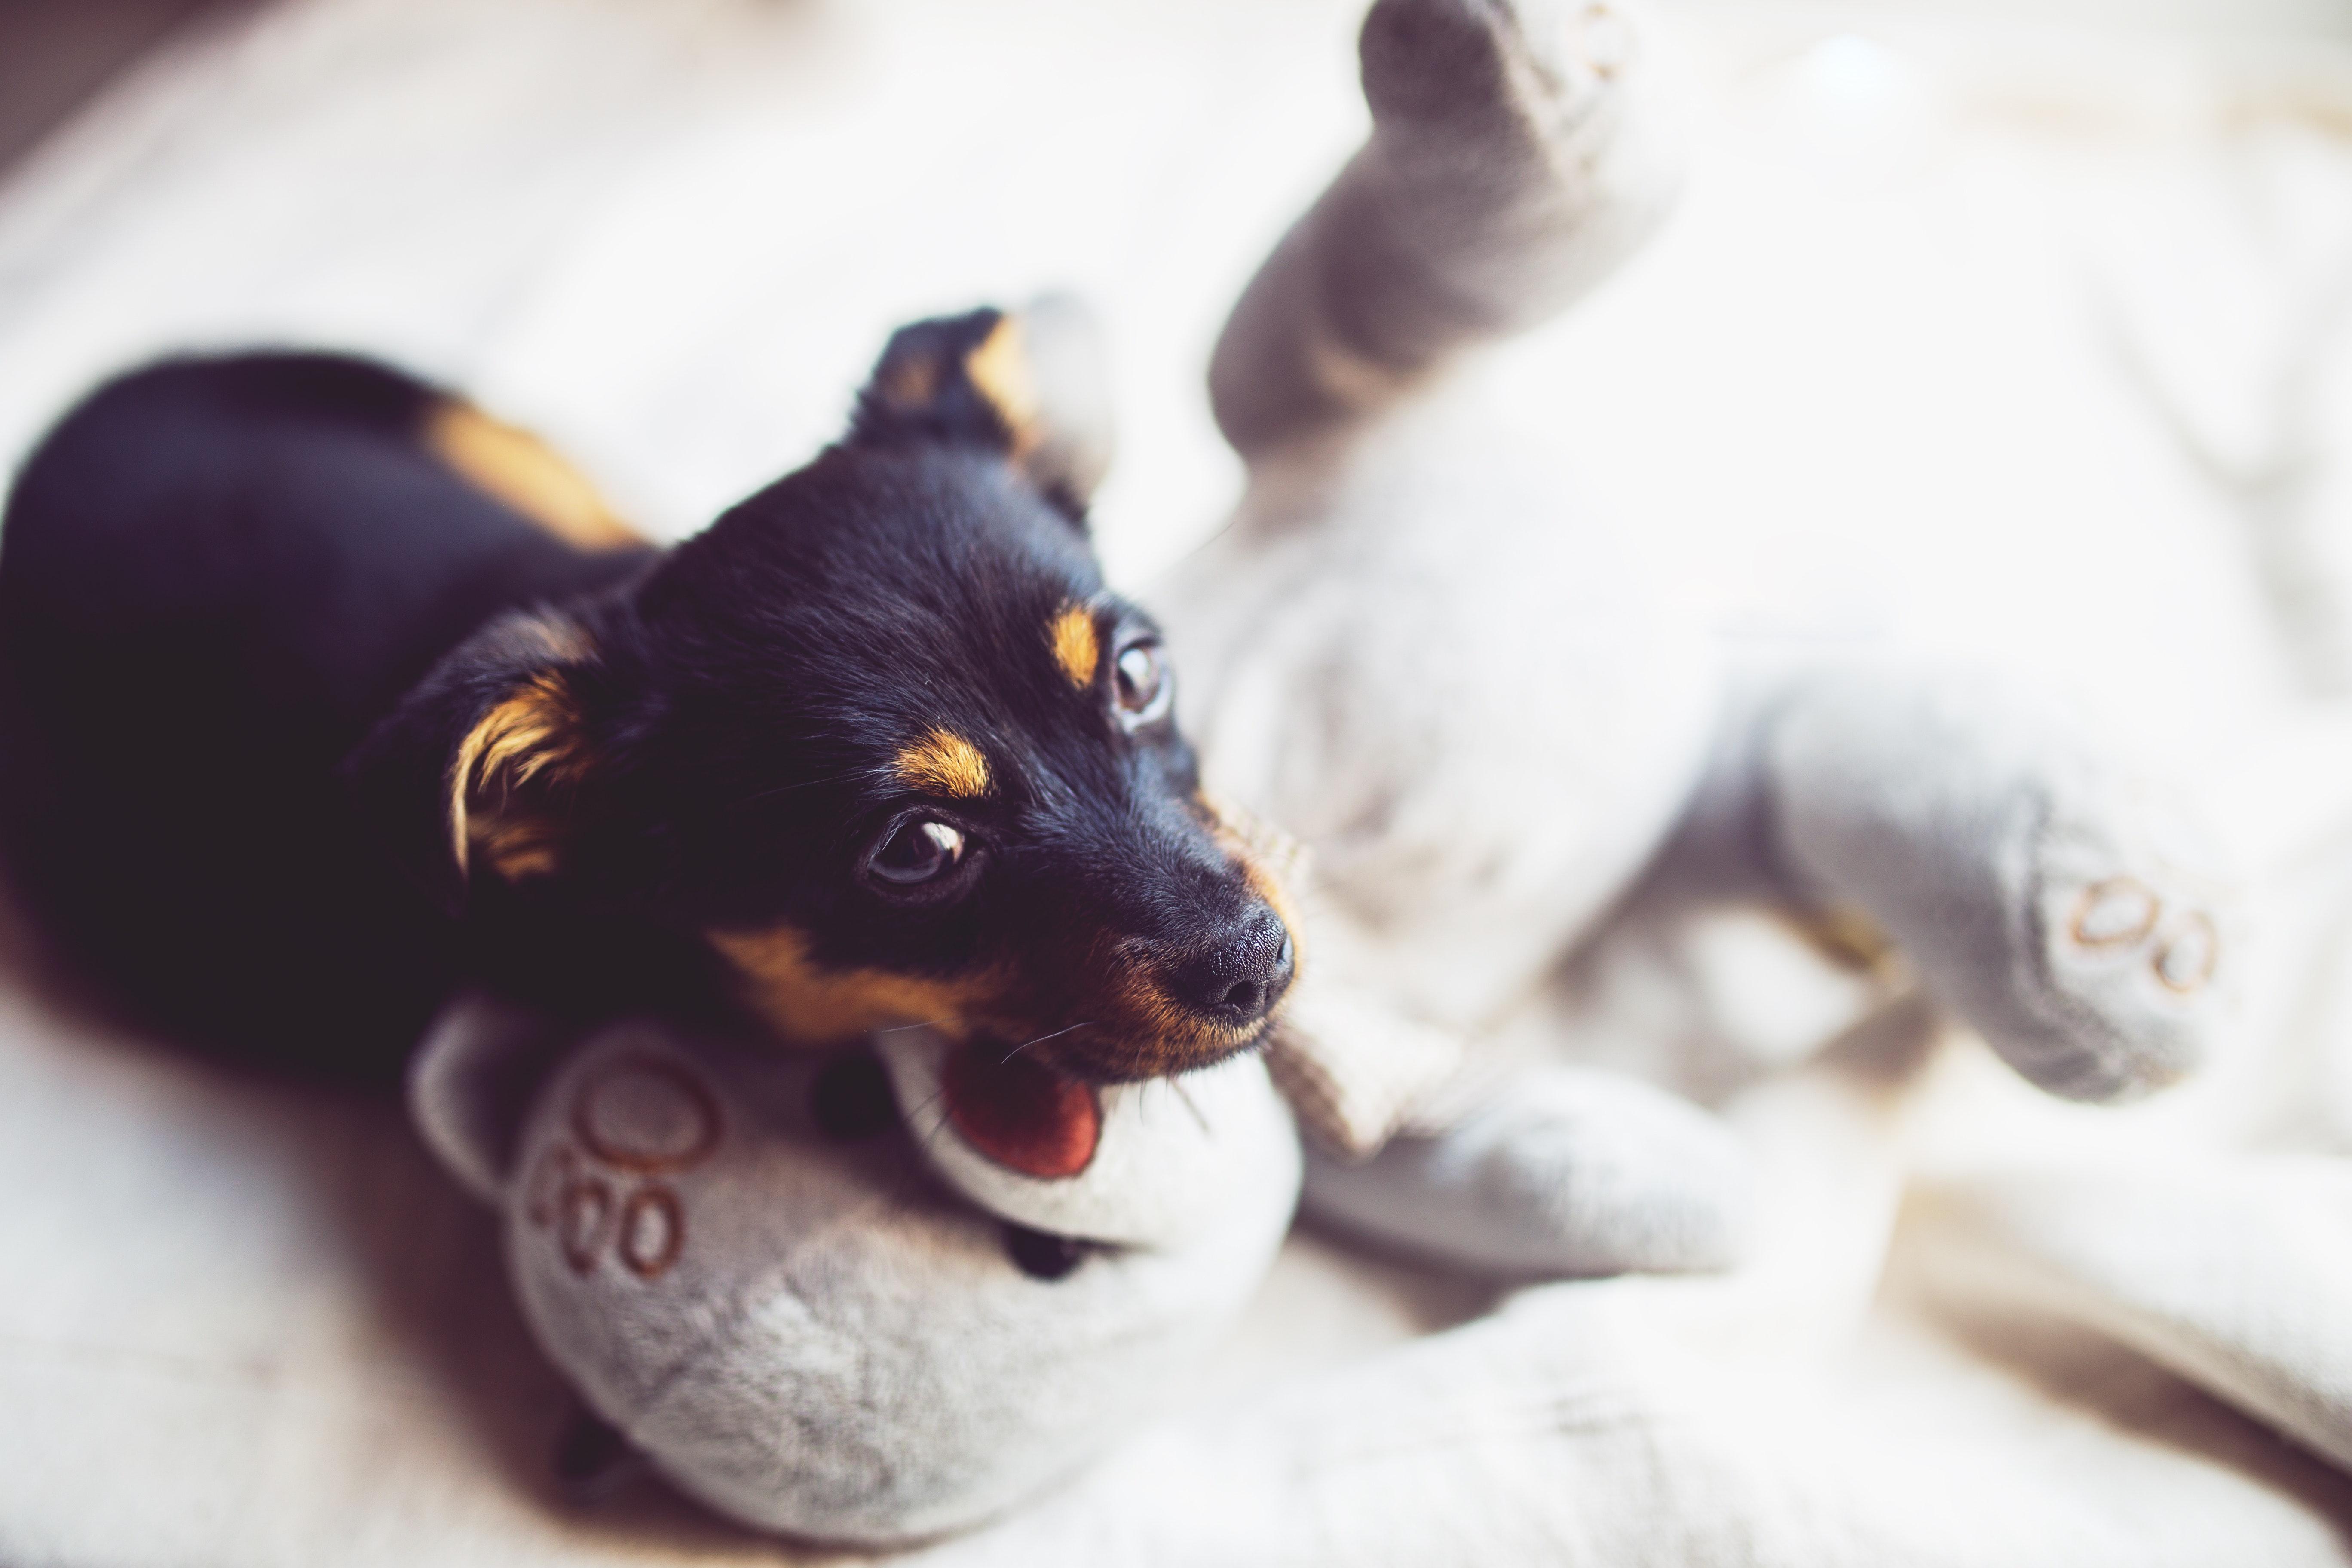 Puppy with teddy bear, Animal, Mammal, Teddy, Sweet, HQ Photo